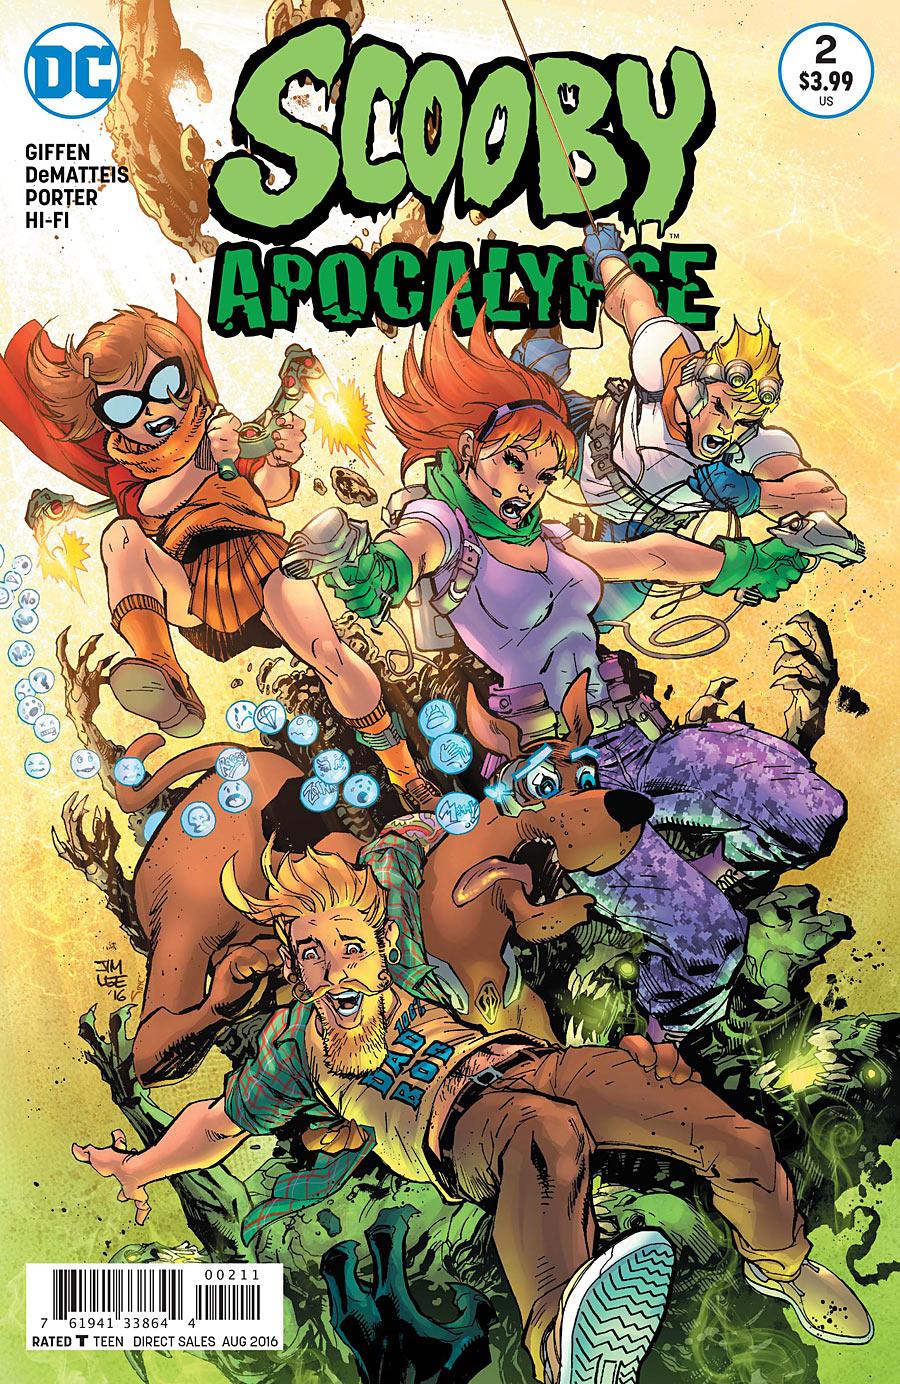 comics review  scooby apocalypse 2